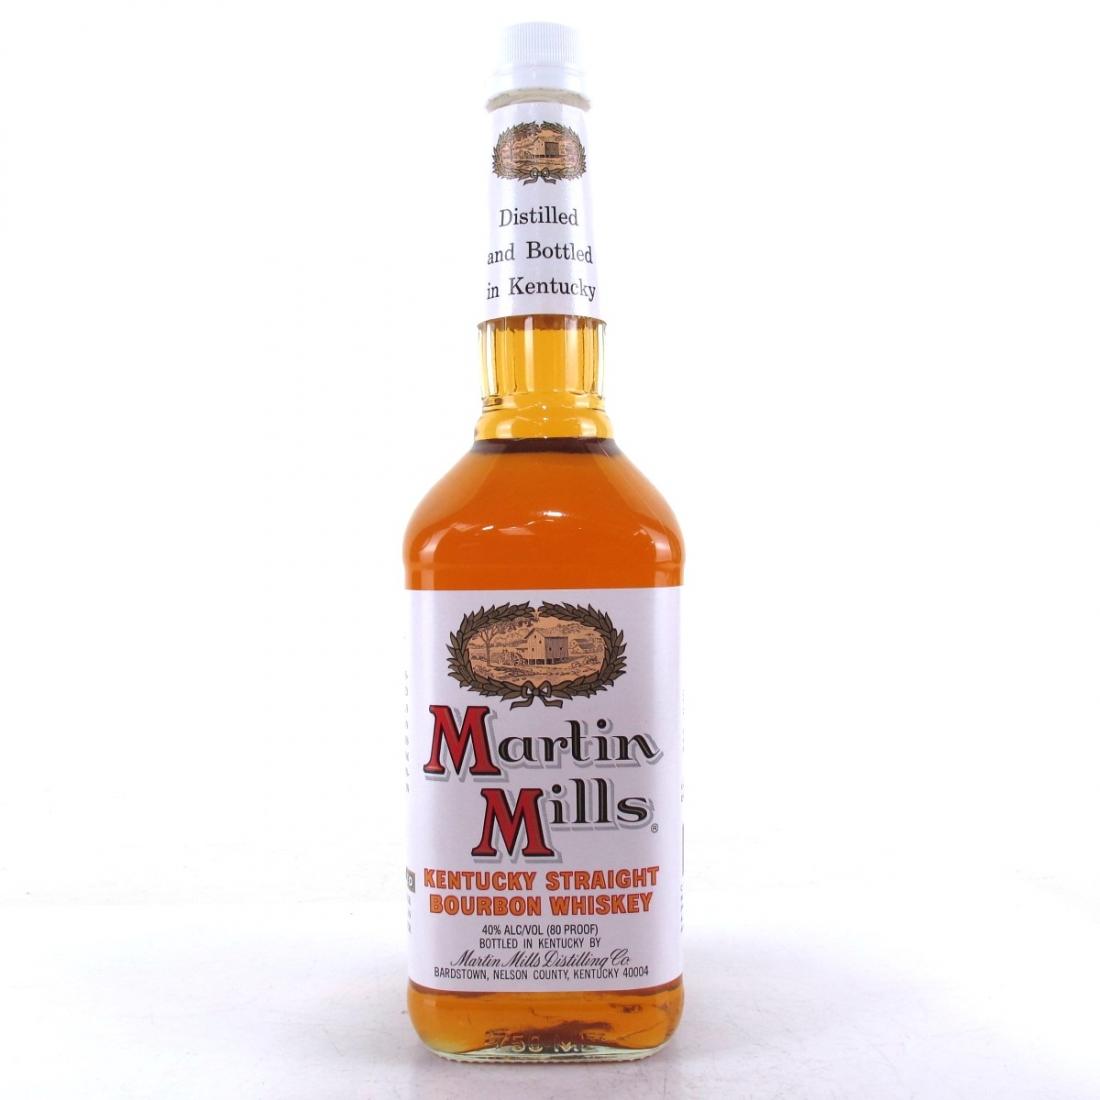 Martin Mills Kentucky Straight Bourbon / Japanese Import